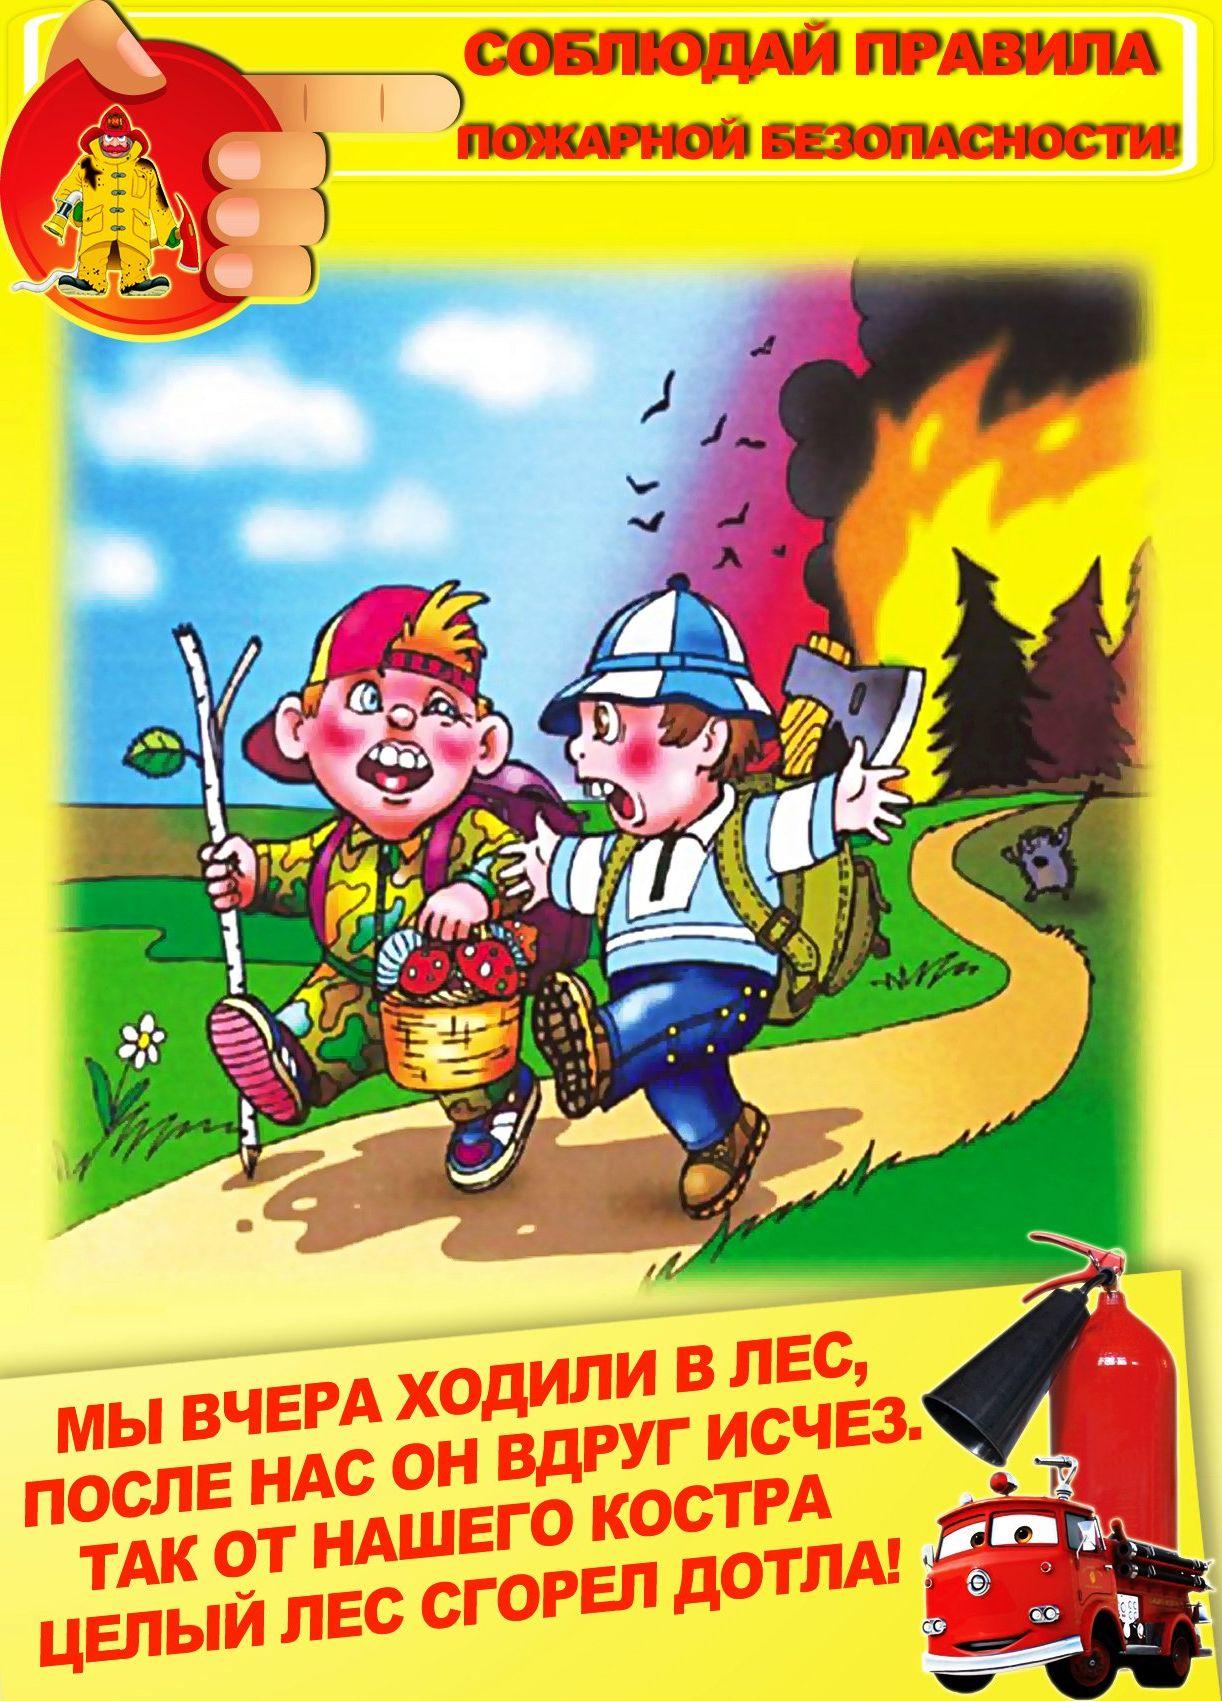 Пожарная безопасность в картинках для детей » Скачать ...